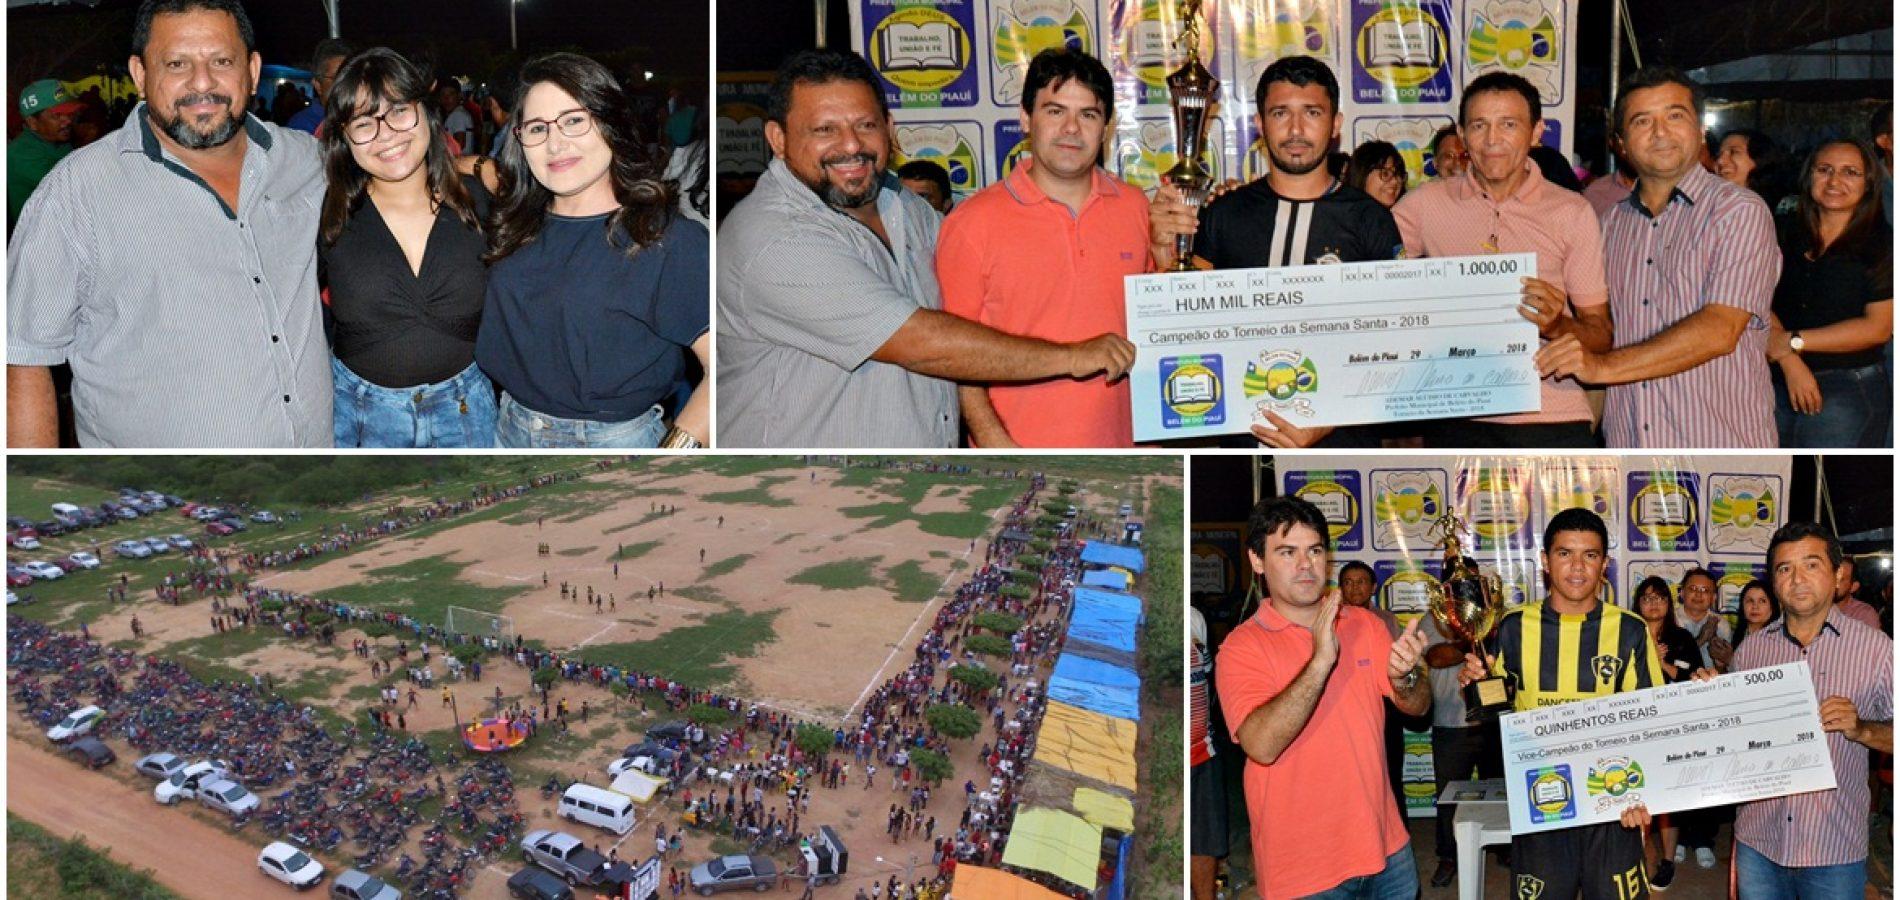 Torneio de Futebol movimenta o interior de Belém do Piauí; veja fotos